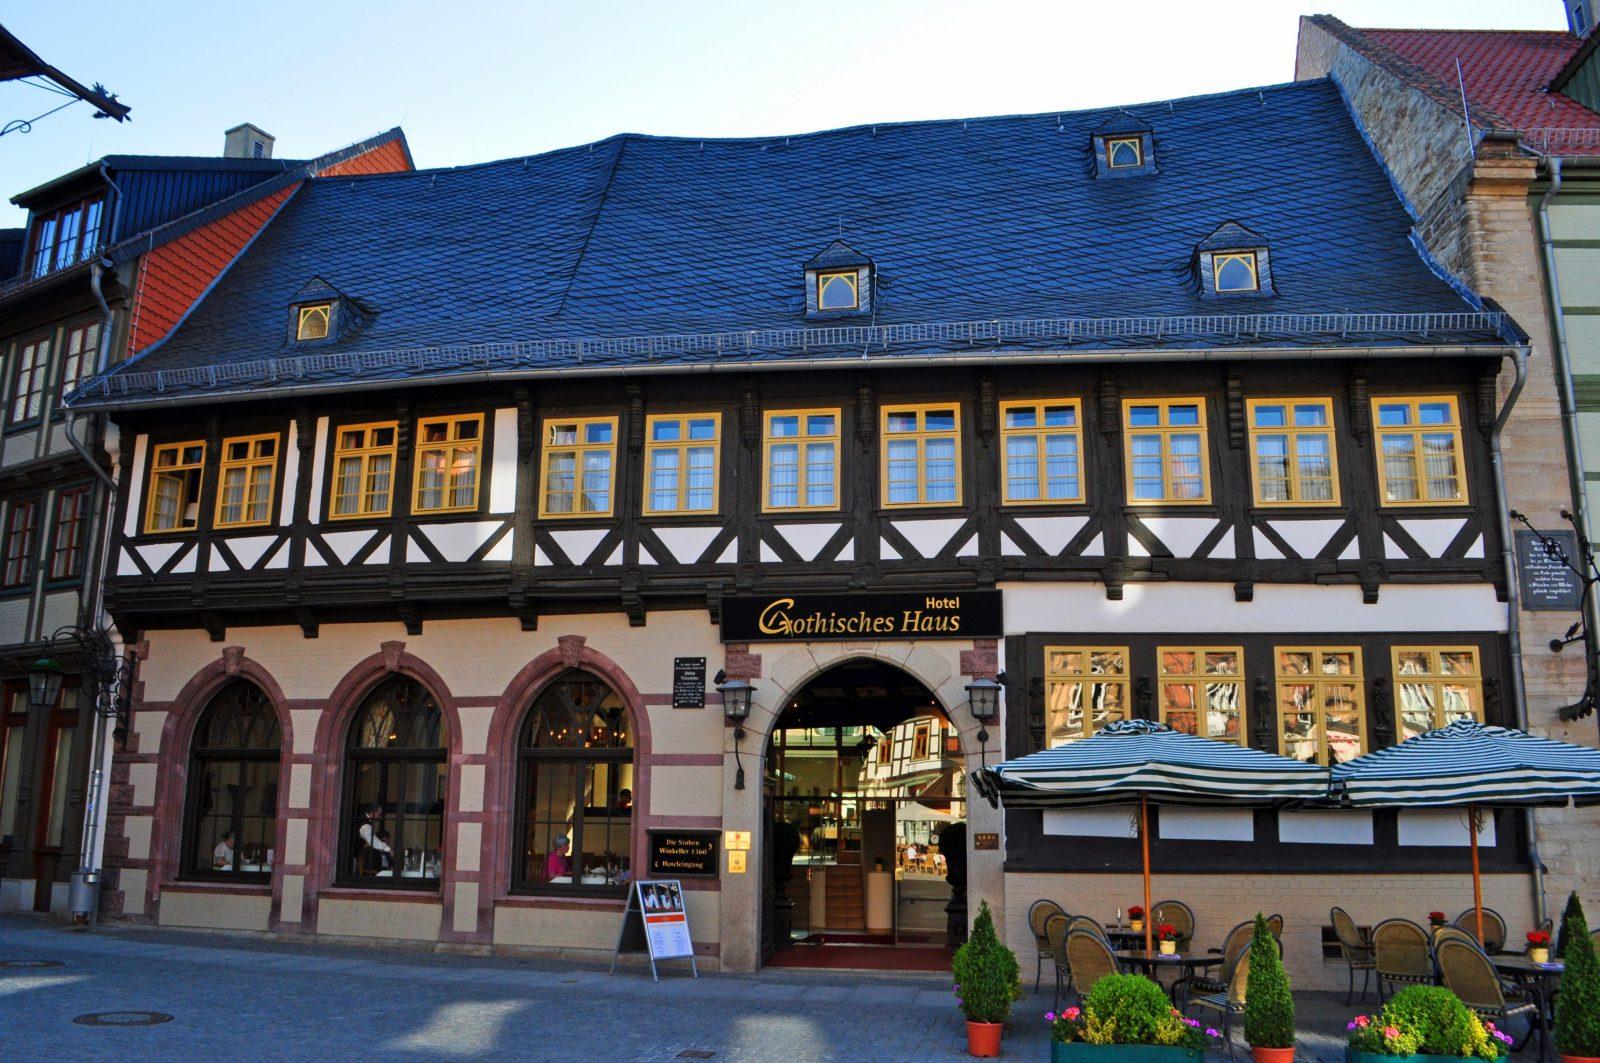 Gothisches Haus – Wikipedia von Hotel Gothisches Haus Wernigerode Bild